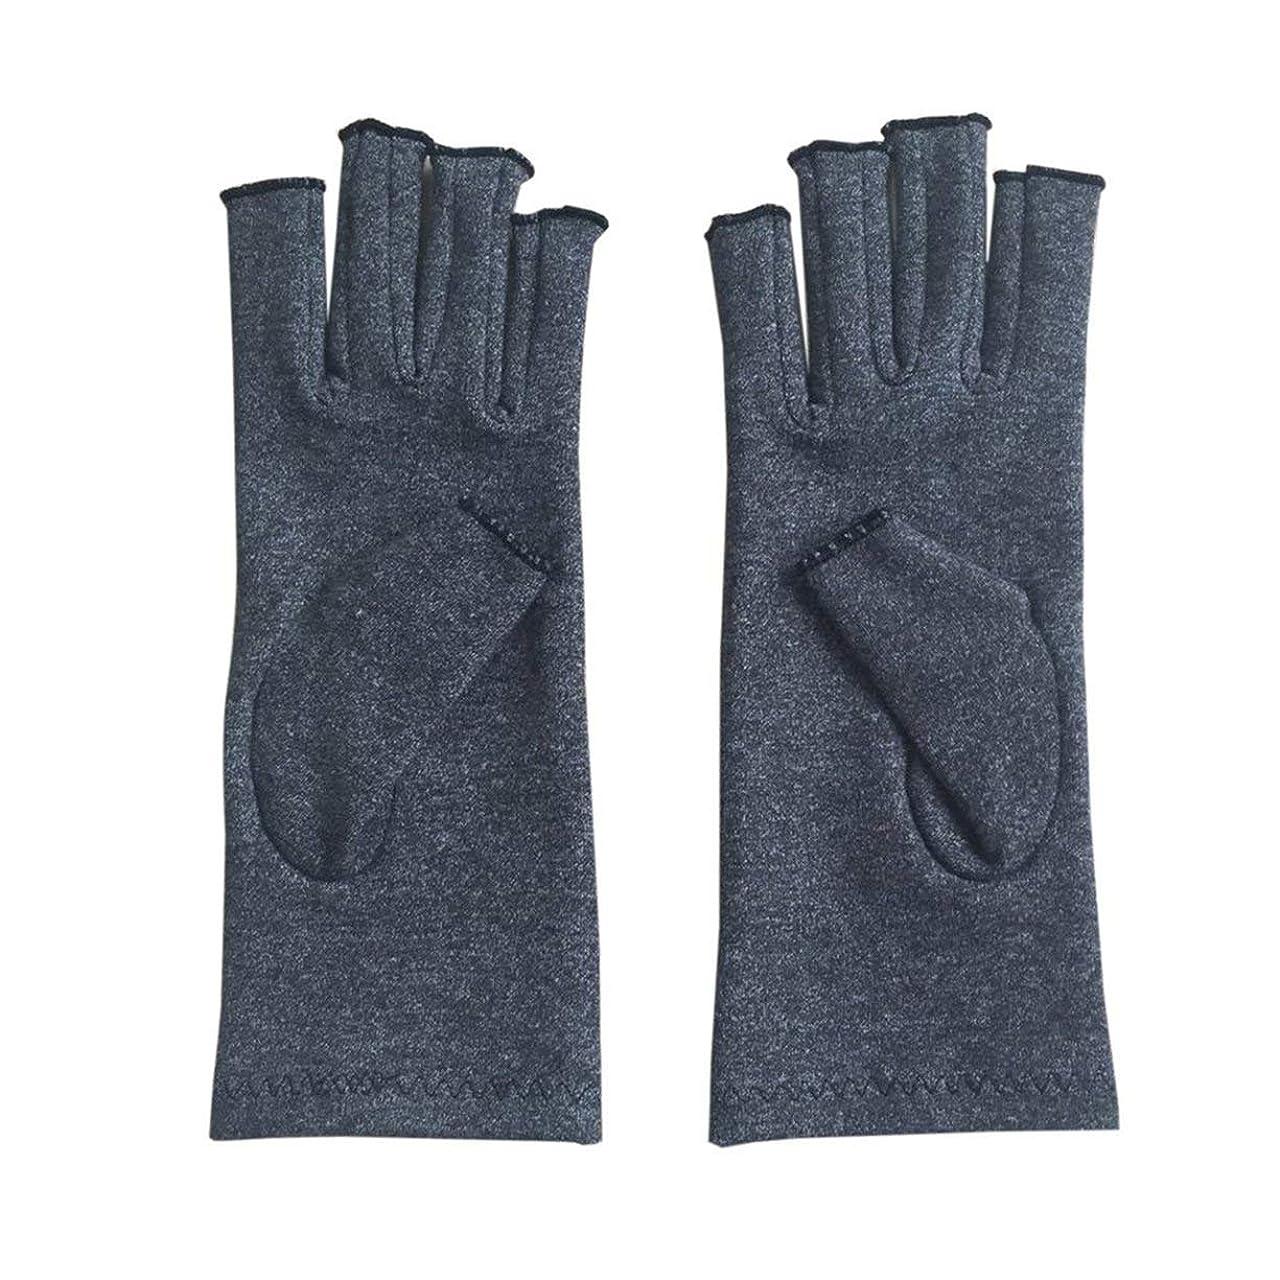 カップツーリストペニーペア/セットの快適な男性の女性療法の圧縮手袋無地の通気性関節炎の関節の痛みを軽減する手袋 - グレーS